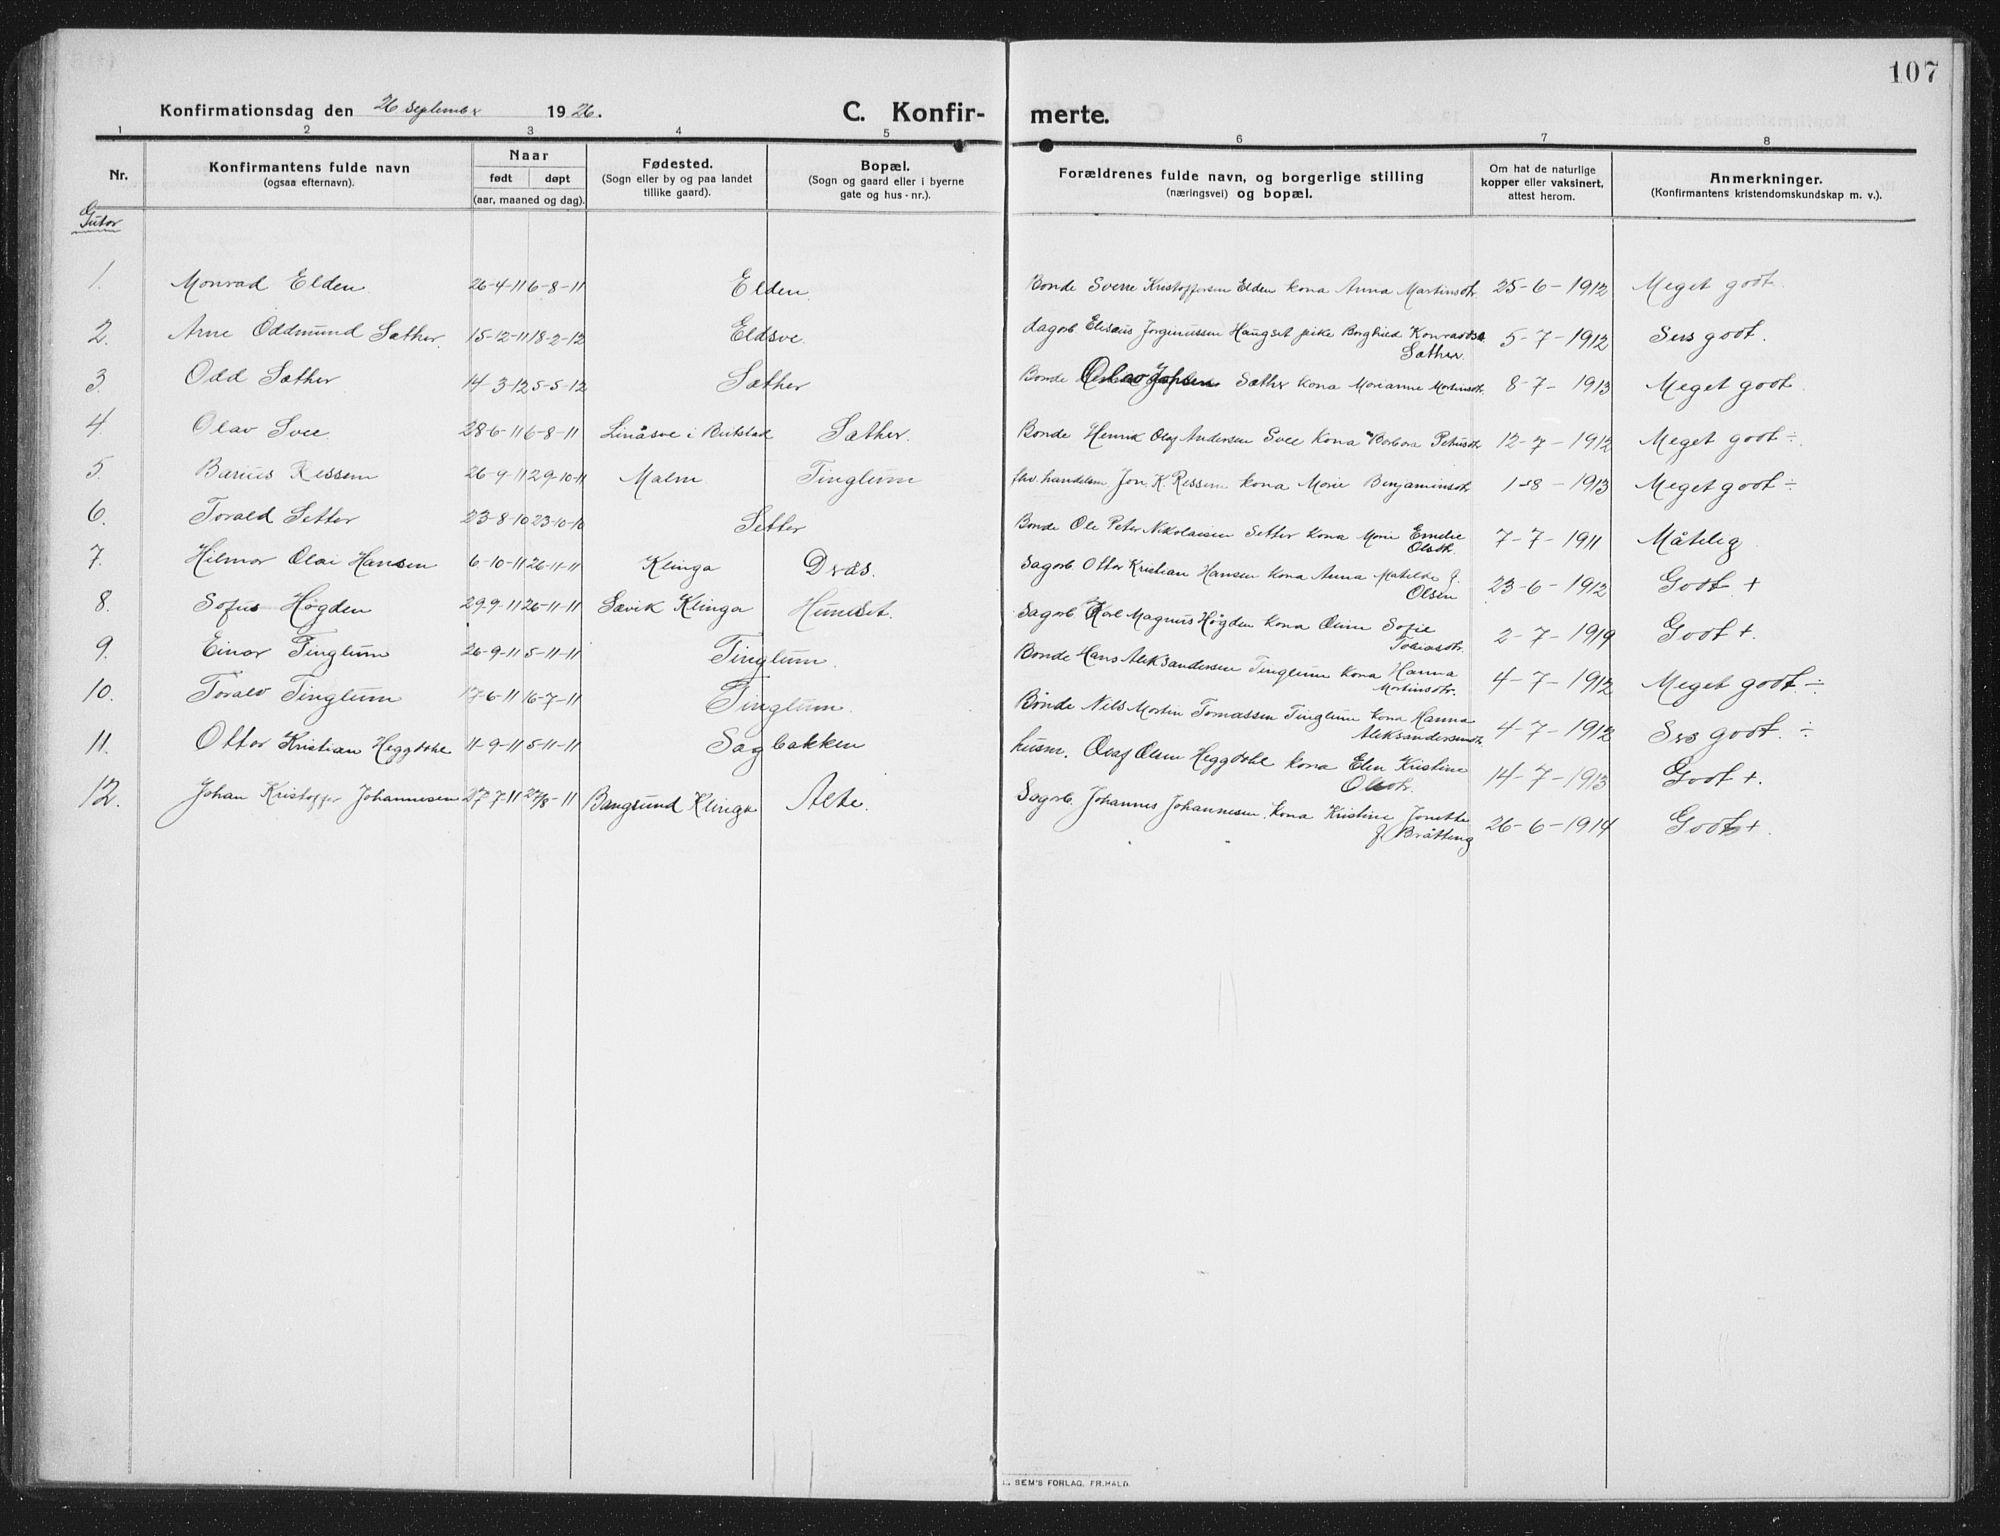 SAT, Ministerialprotokoller, klokkerbøker og fødselsregistre - Nord-Trøndelag, 742/L0413: Klokkerbok nr. 742C04, 1911-1938, s. 107